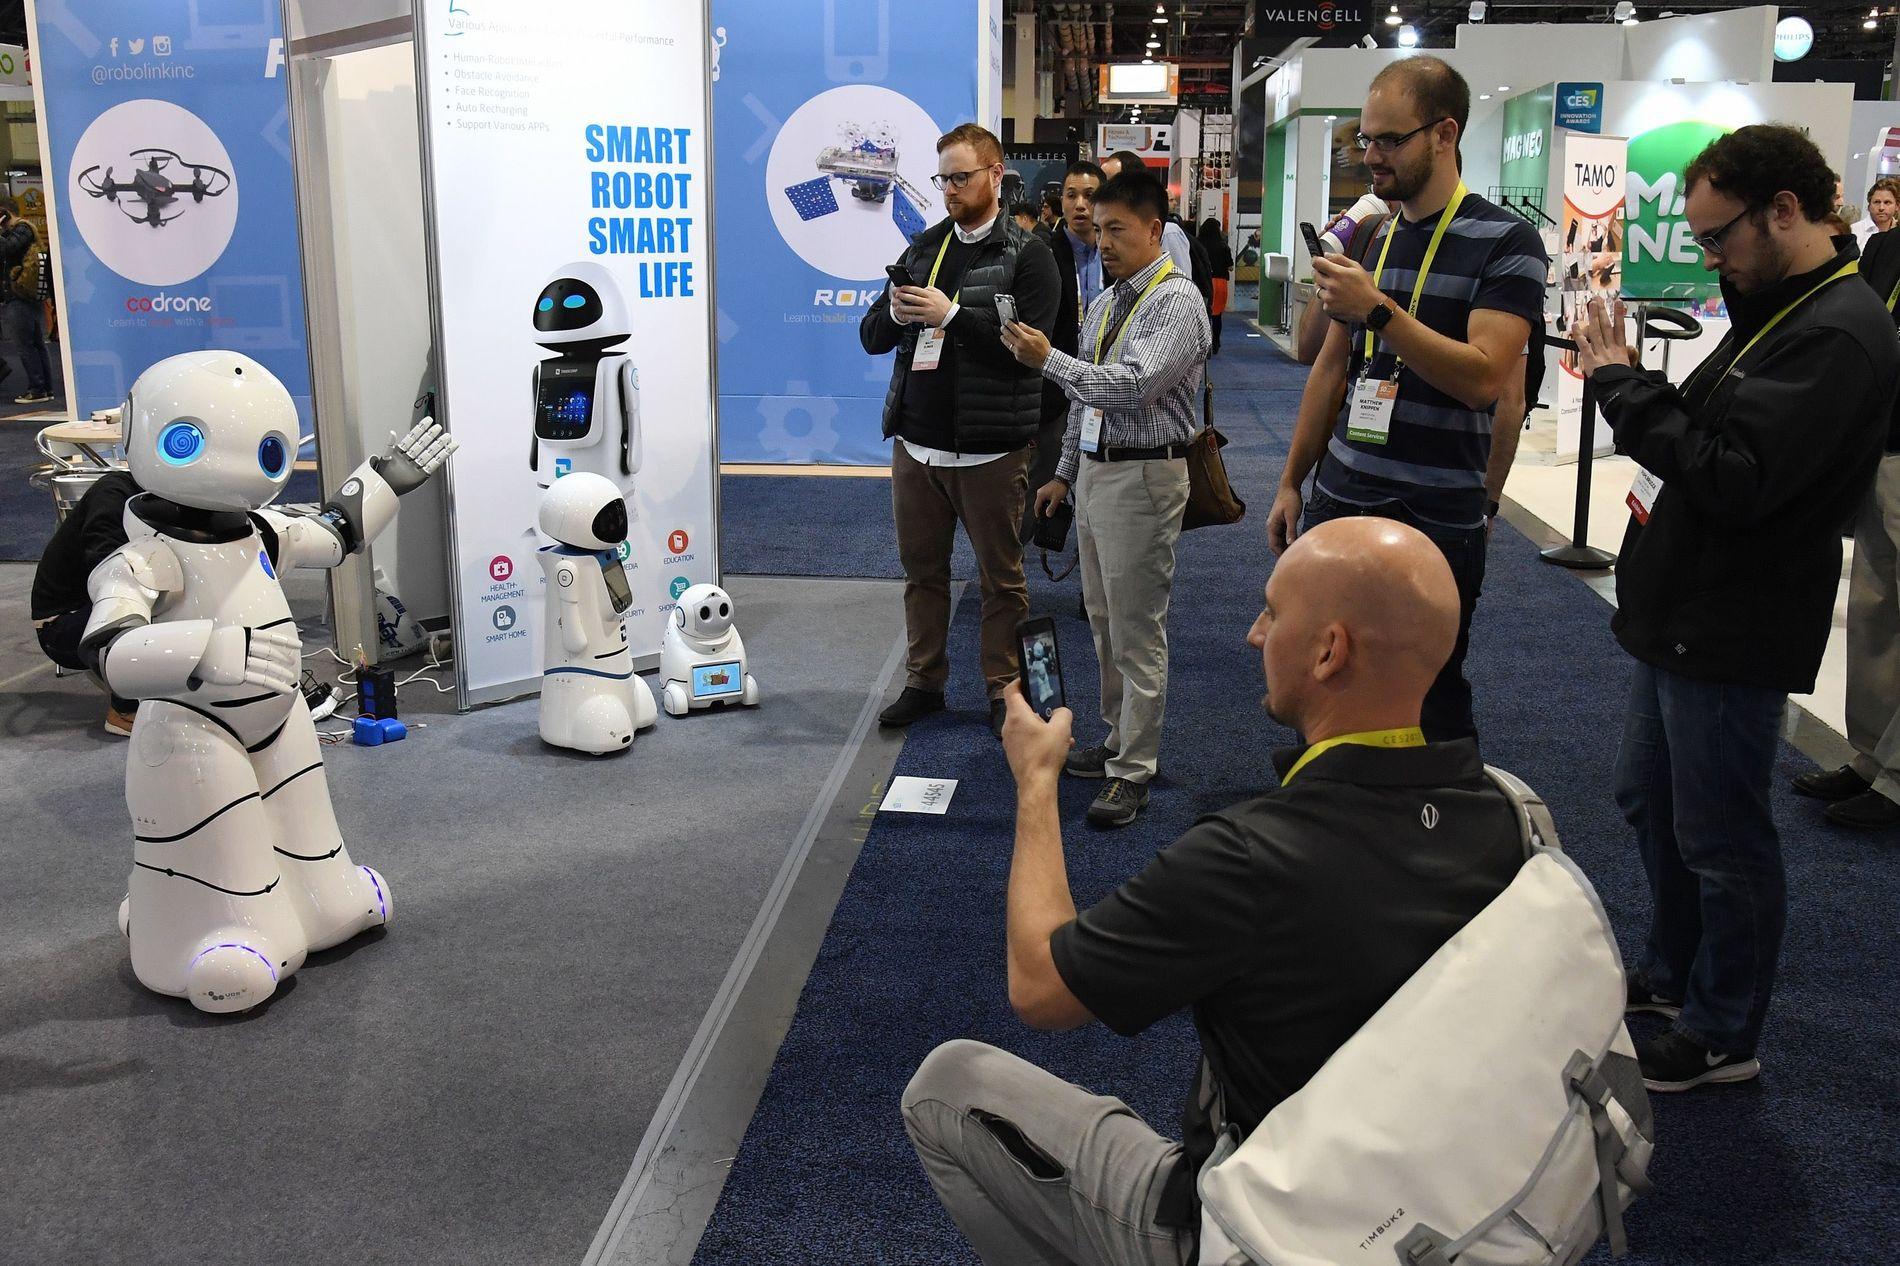 ROBOTRETTIGHETER: Har roboter krav på juridiske rettigheter? Det er blant spørsmålene Europaparlamentet skal ta stilling til i februar.